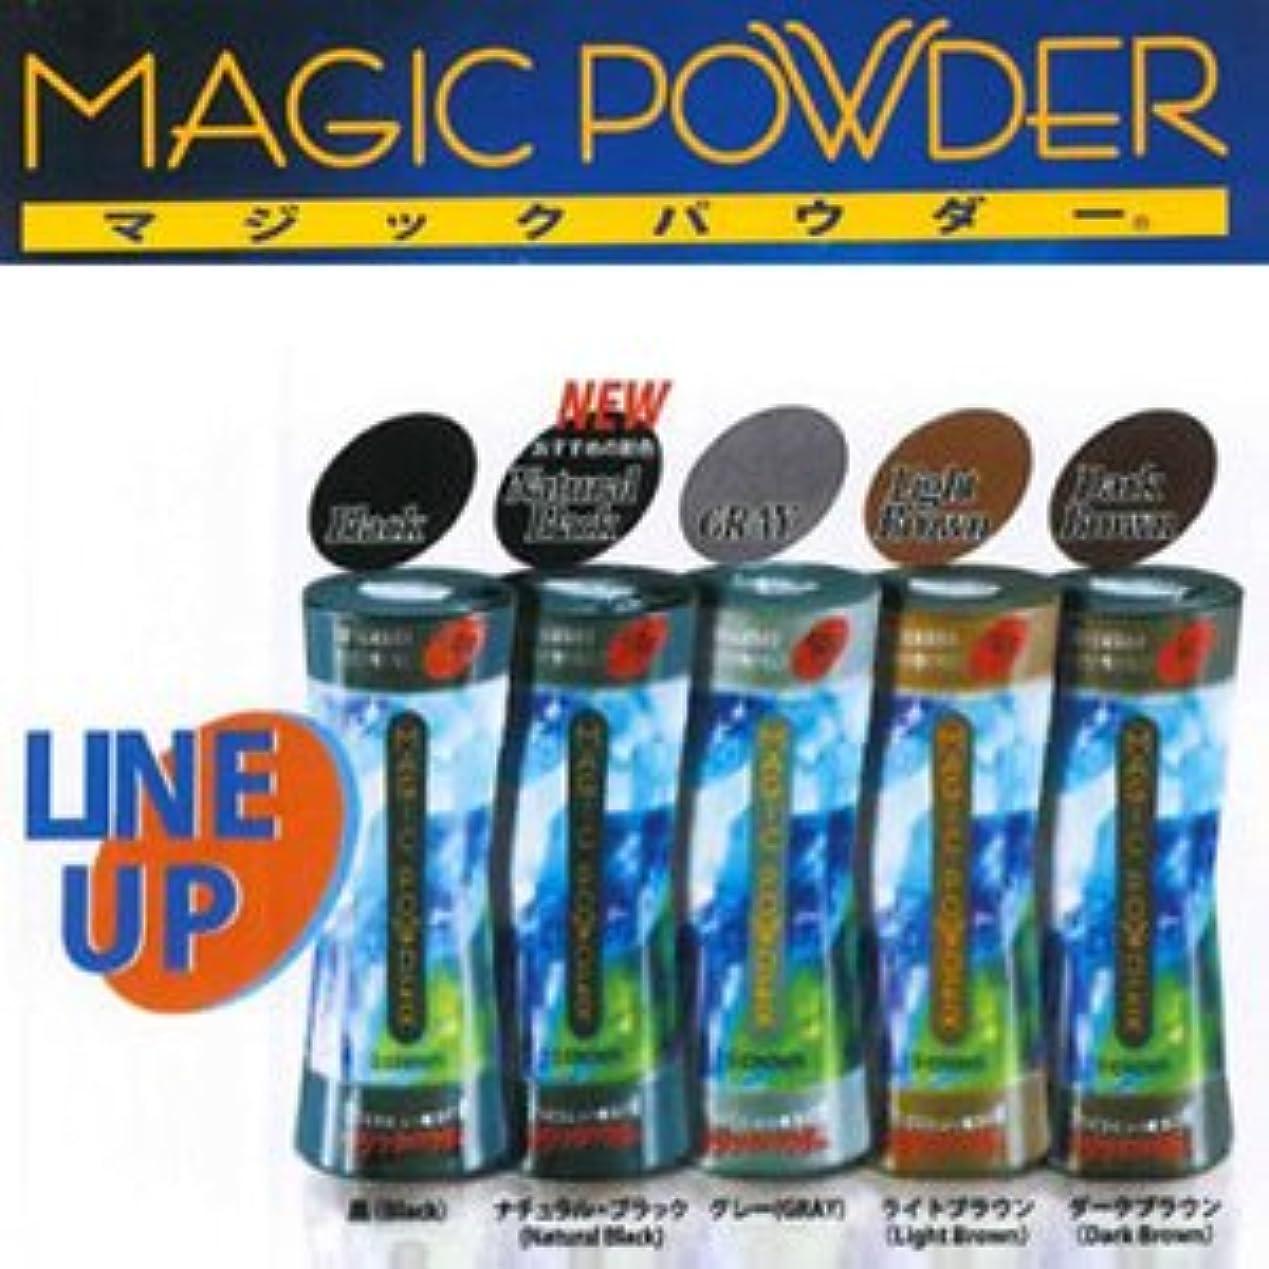 追い越す囚人熟読MAGIC POWDER マジックパウダー グレー 50g  ※貴方の髪を簡単ボリュームアップ!